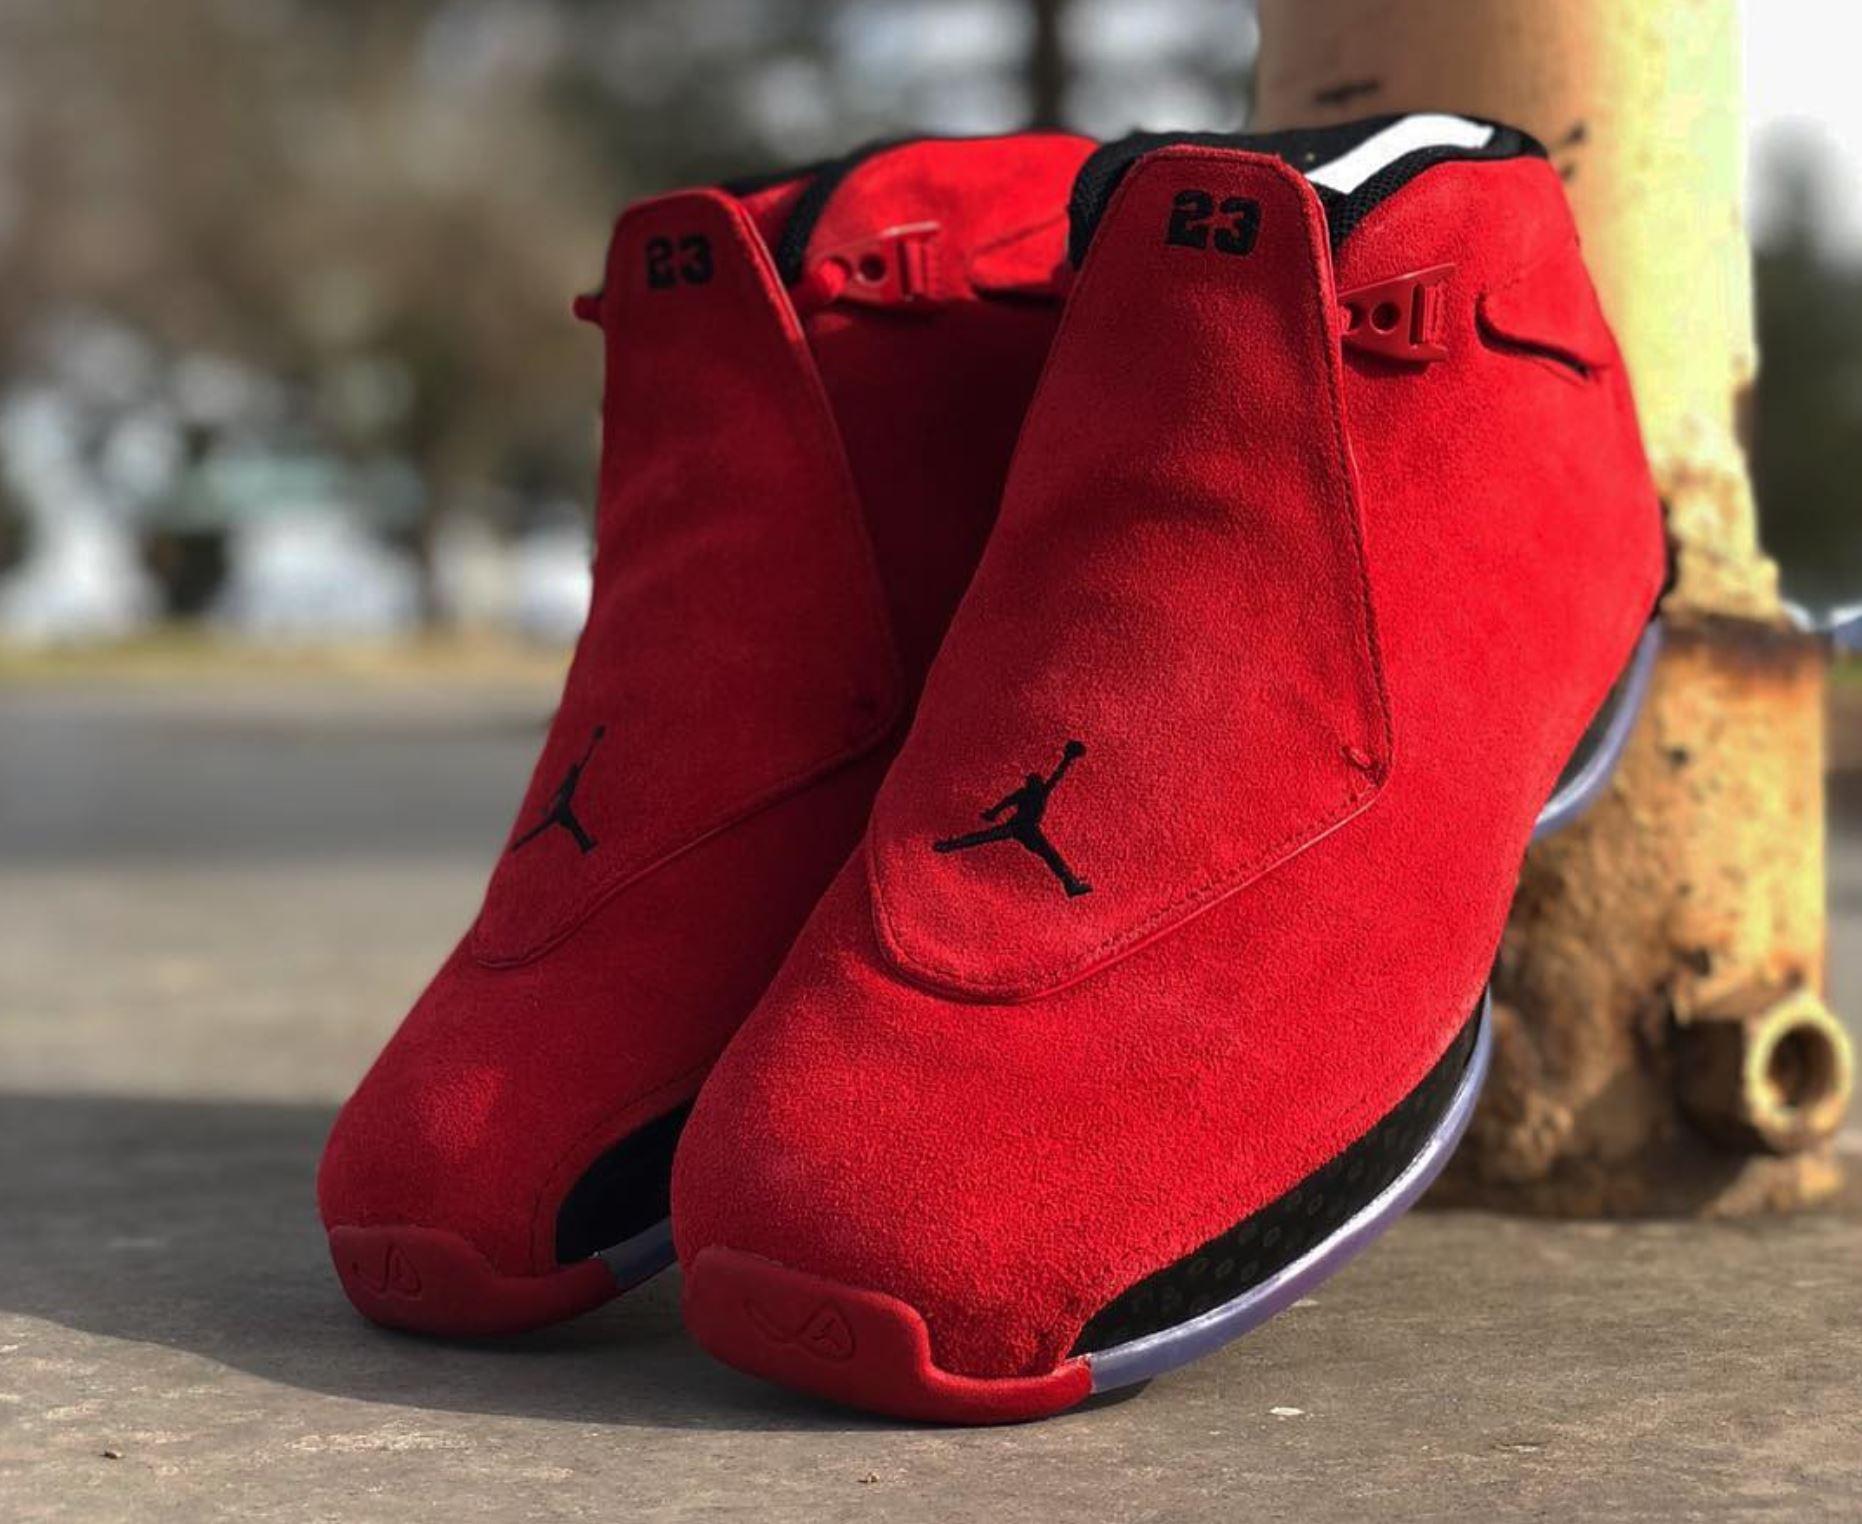 The New Air Jordan 18 'Toro' Will Heat